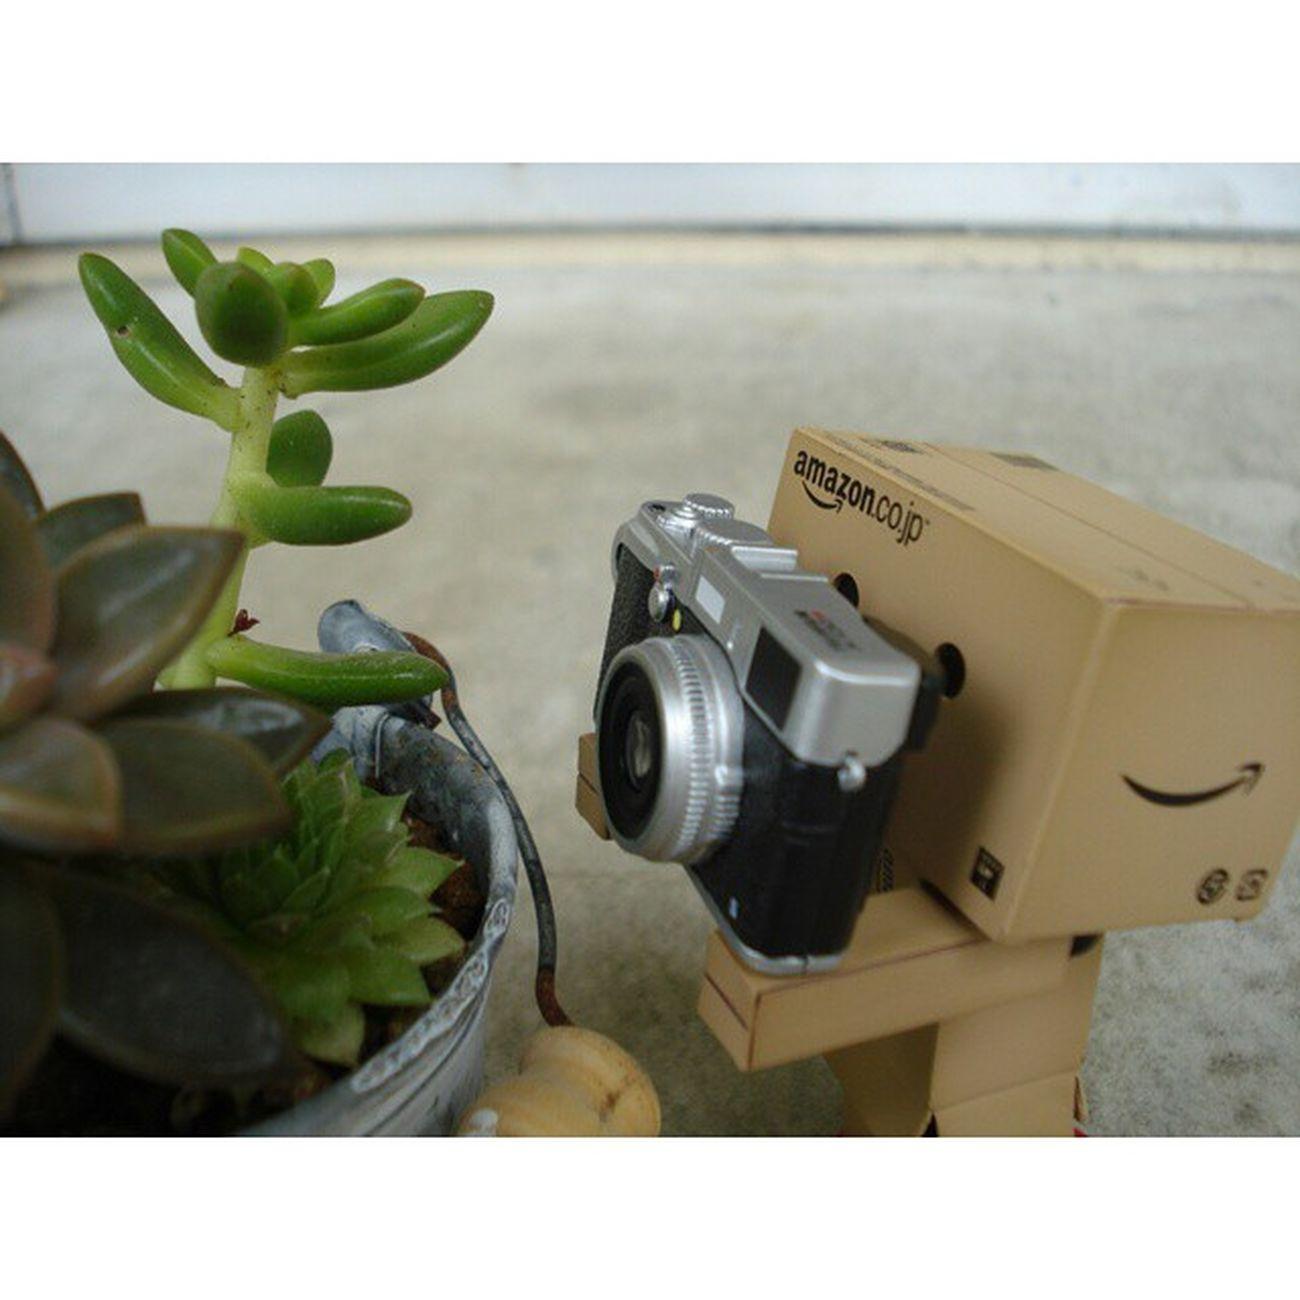 ダンボー FUJIFILMミニチュアカメラコレクション ミニチュアカメラコレクション 別のカメラで撮影中のダンボー